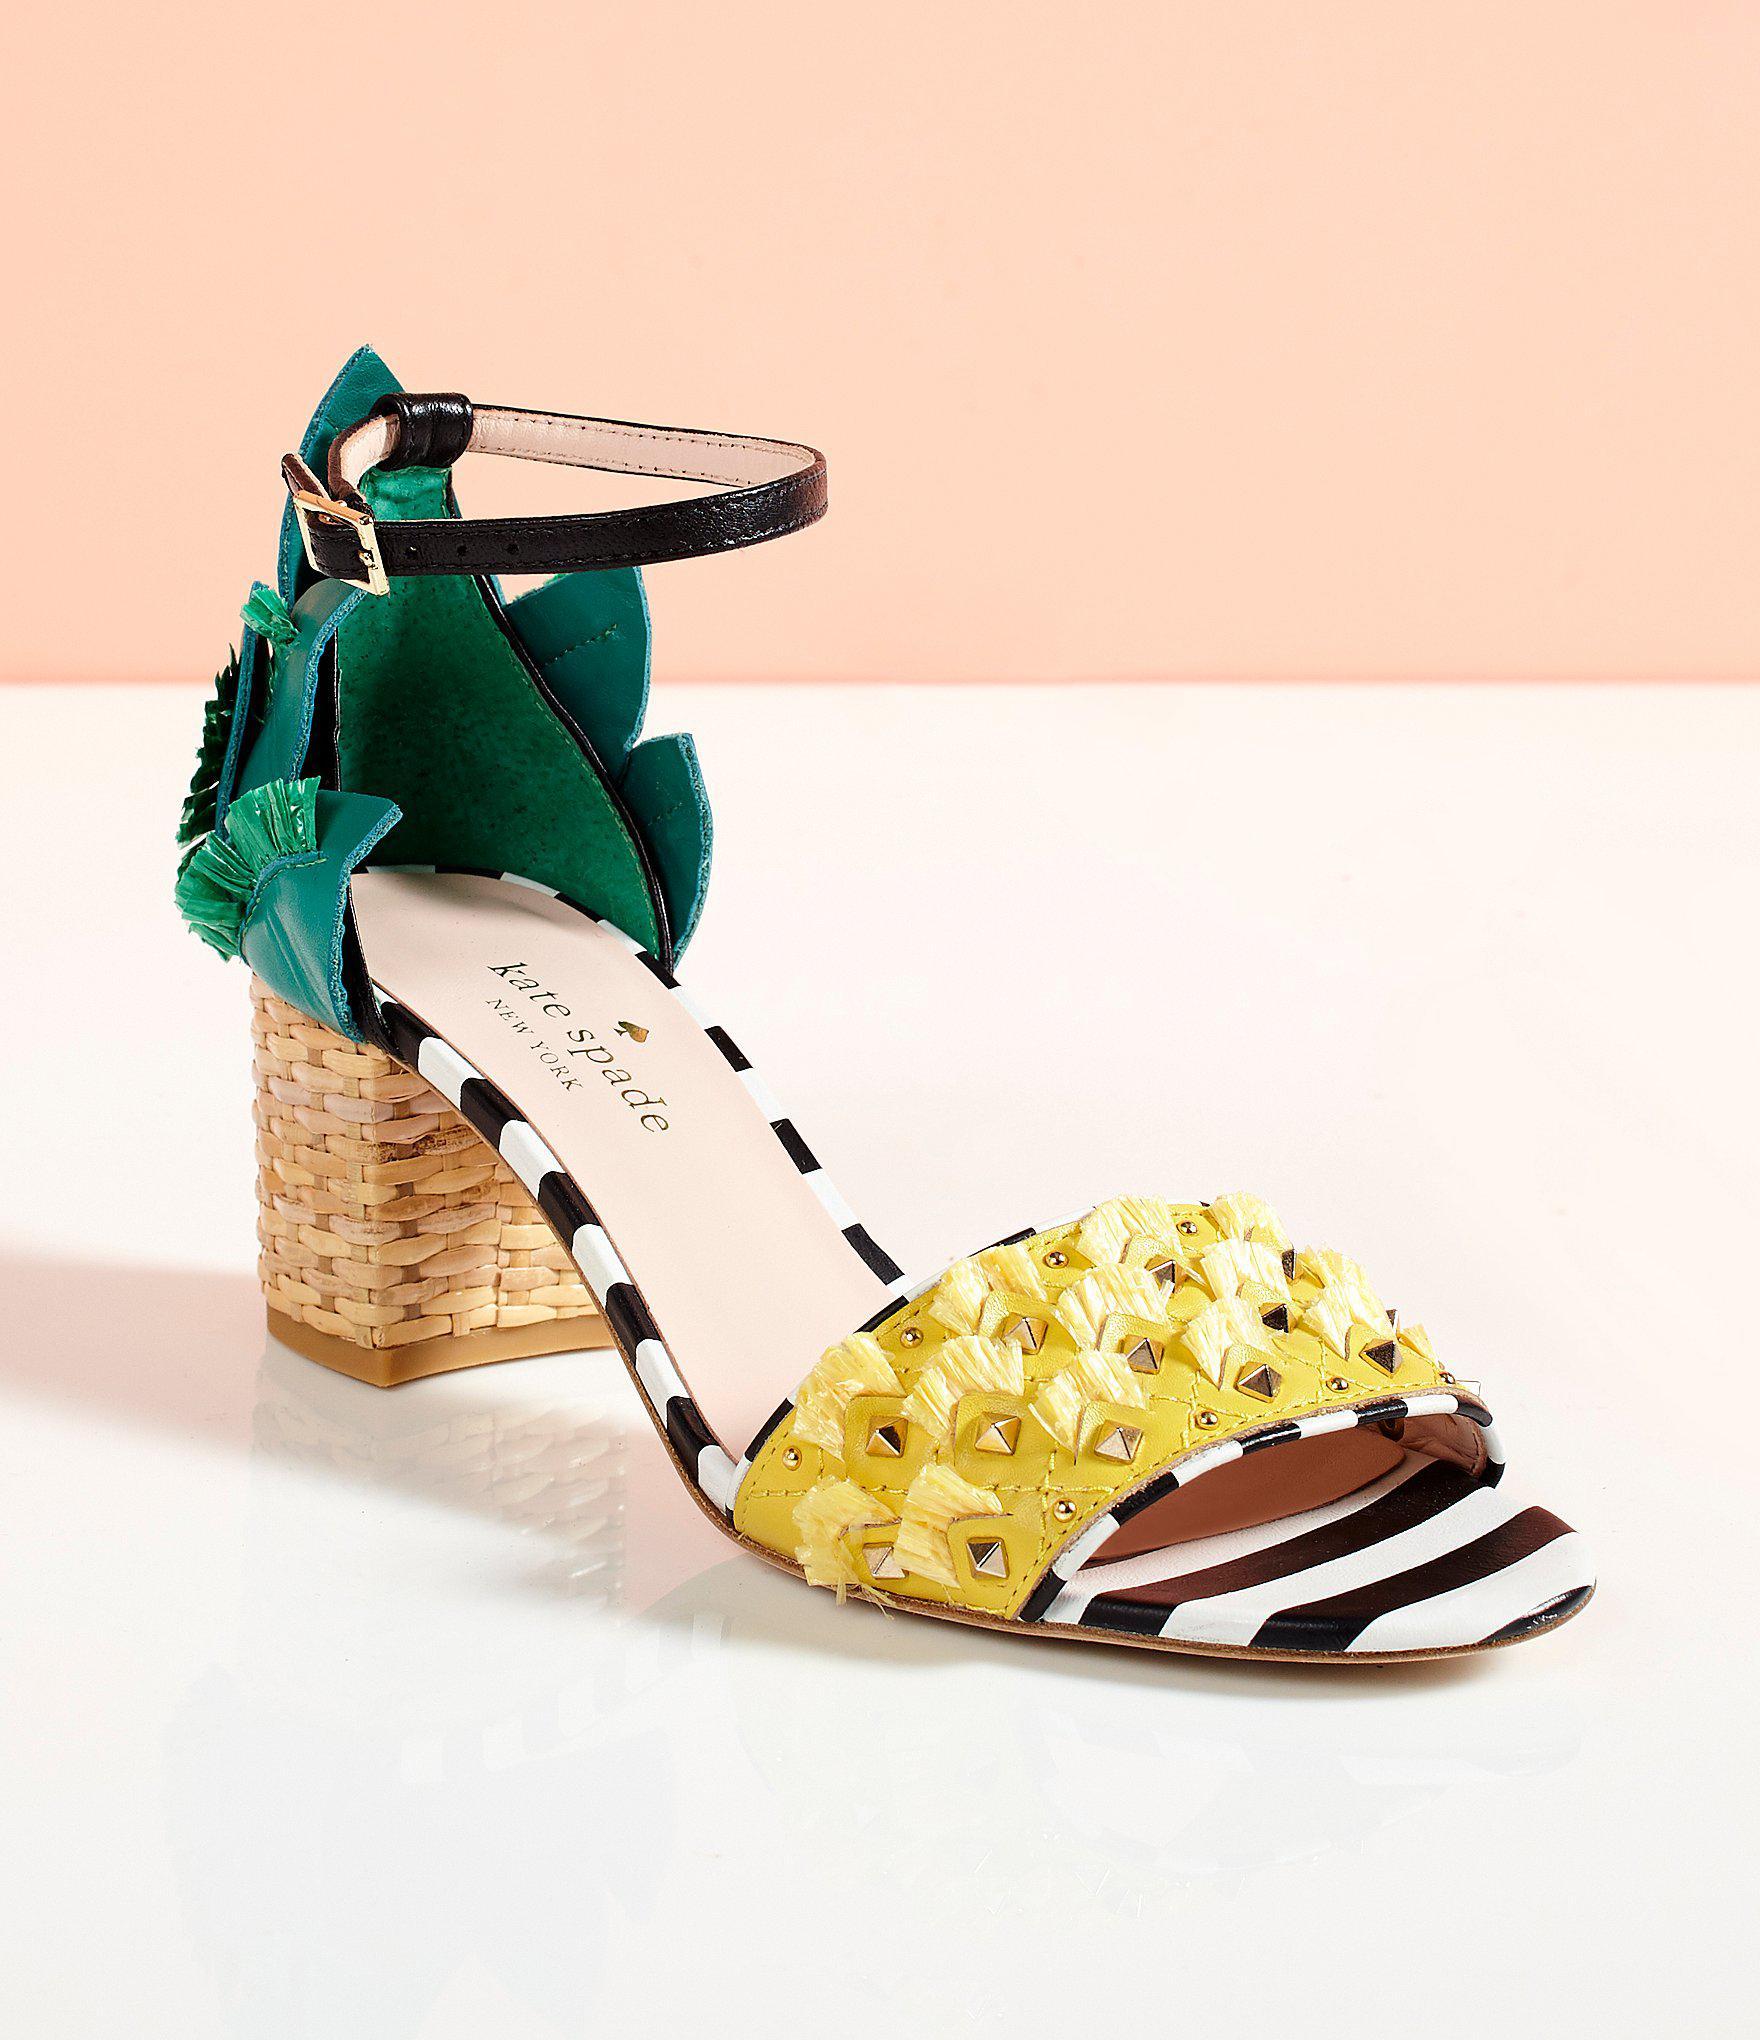 e023550e016f Lyst - Kate Spade Wiatt Leather Studded Pineapple Stripe Block Heel ...